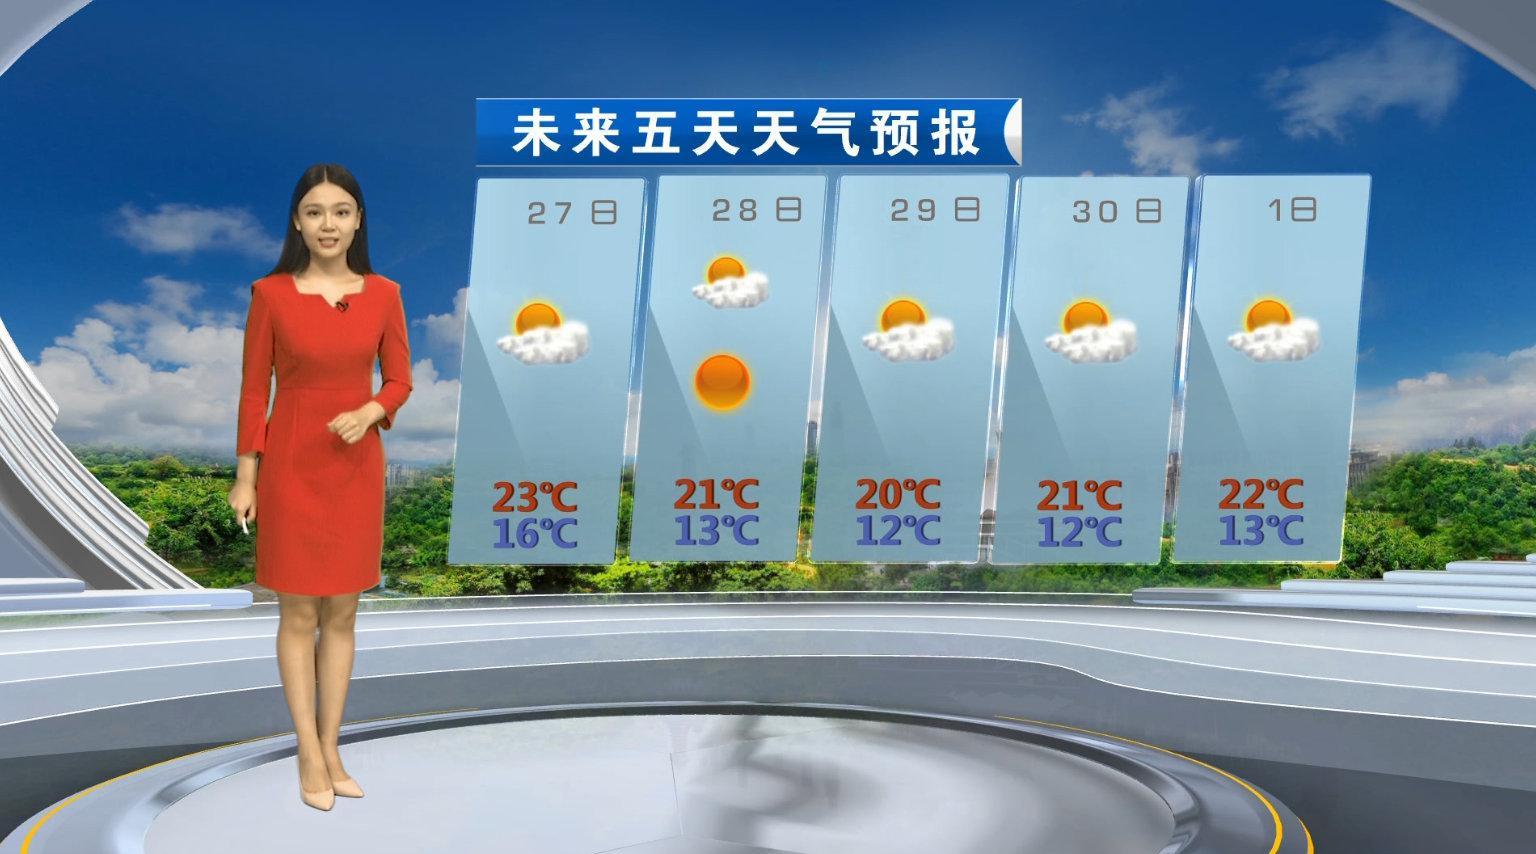 明天南宁市大部阴天到多云,气温16-23℃,凉爽舒适……